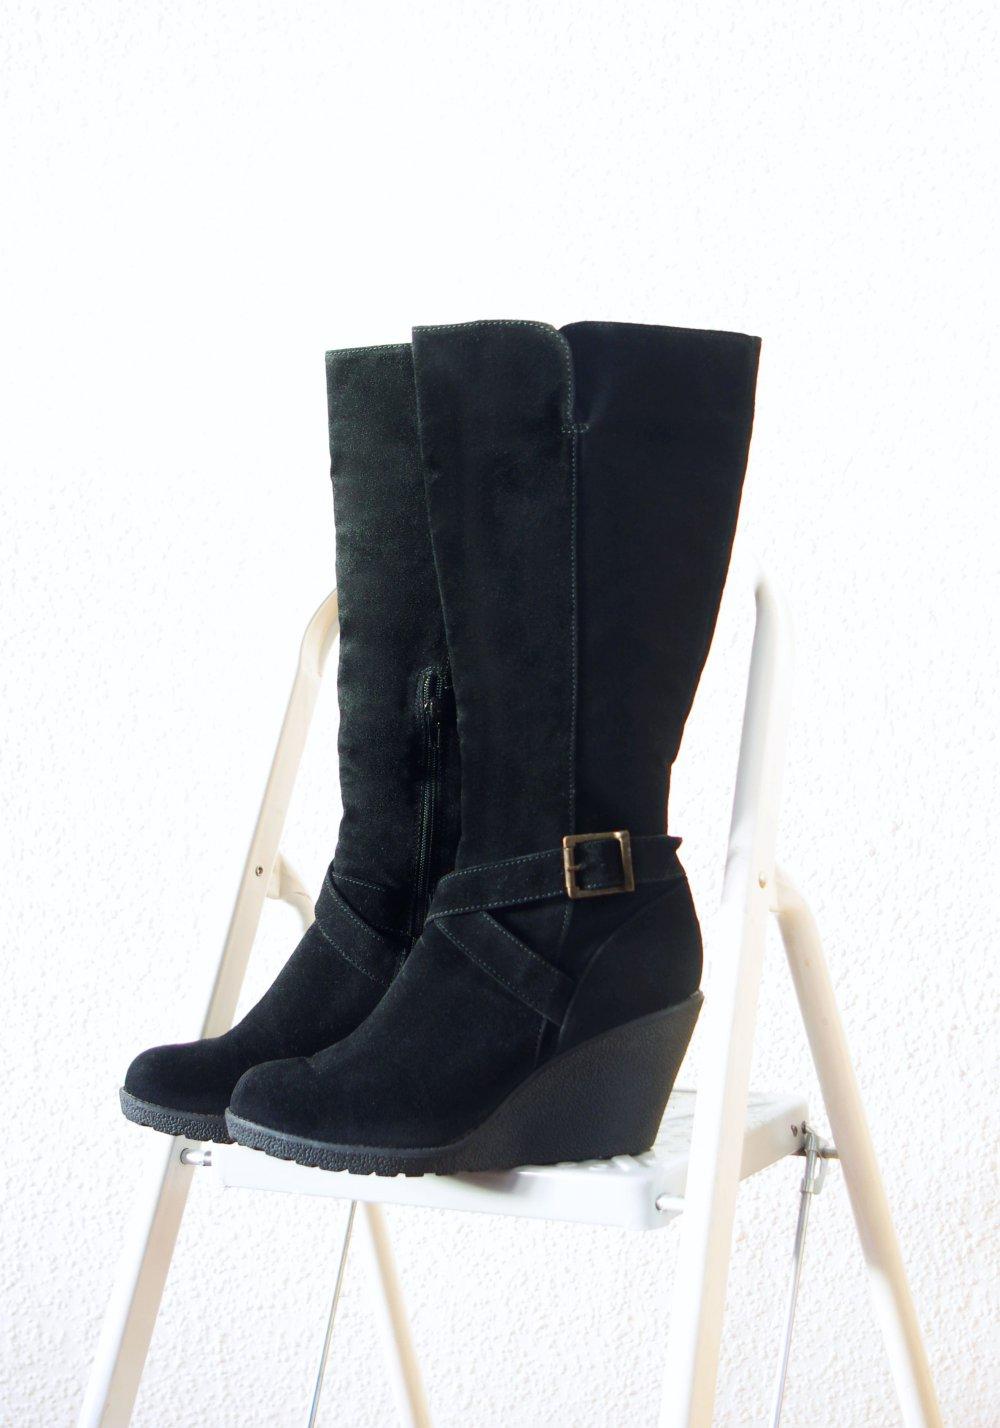 Gr42 Schnallen Gothic 41 Wedge Boots 5 Plateau Stiefel